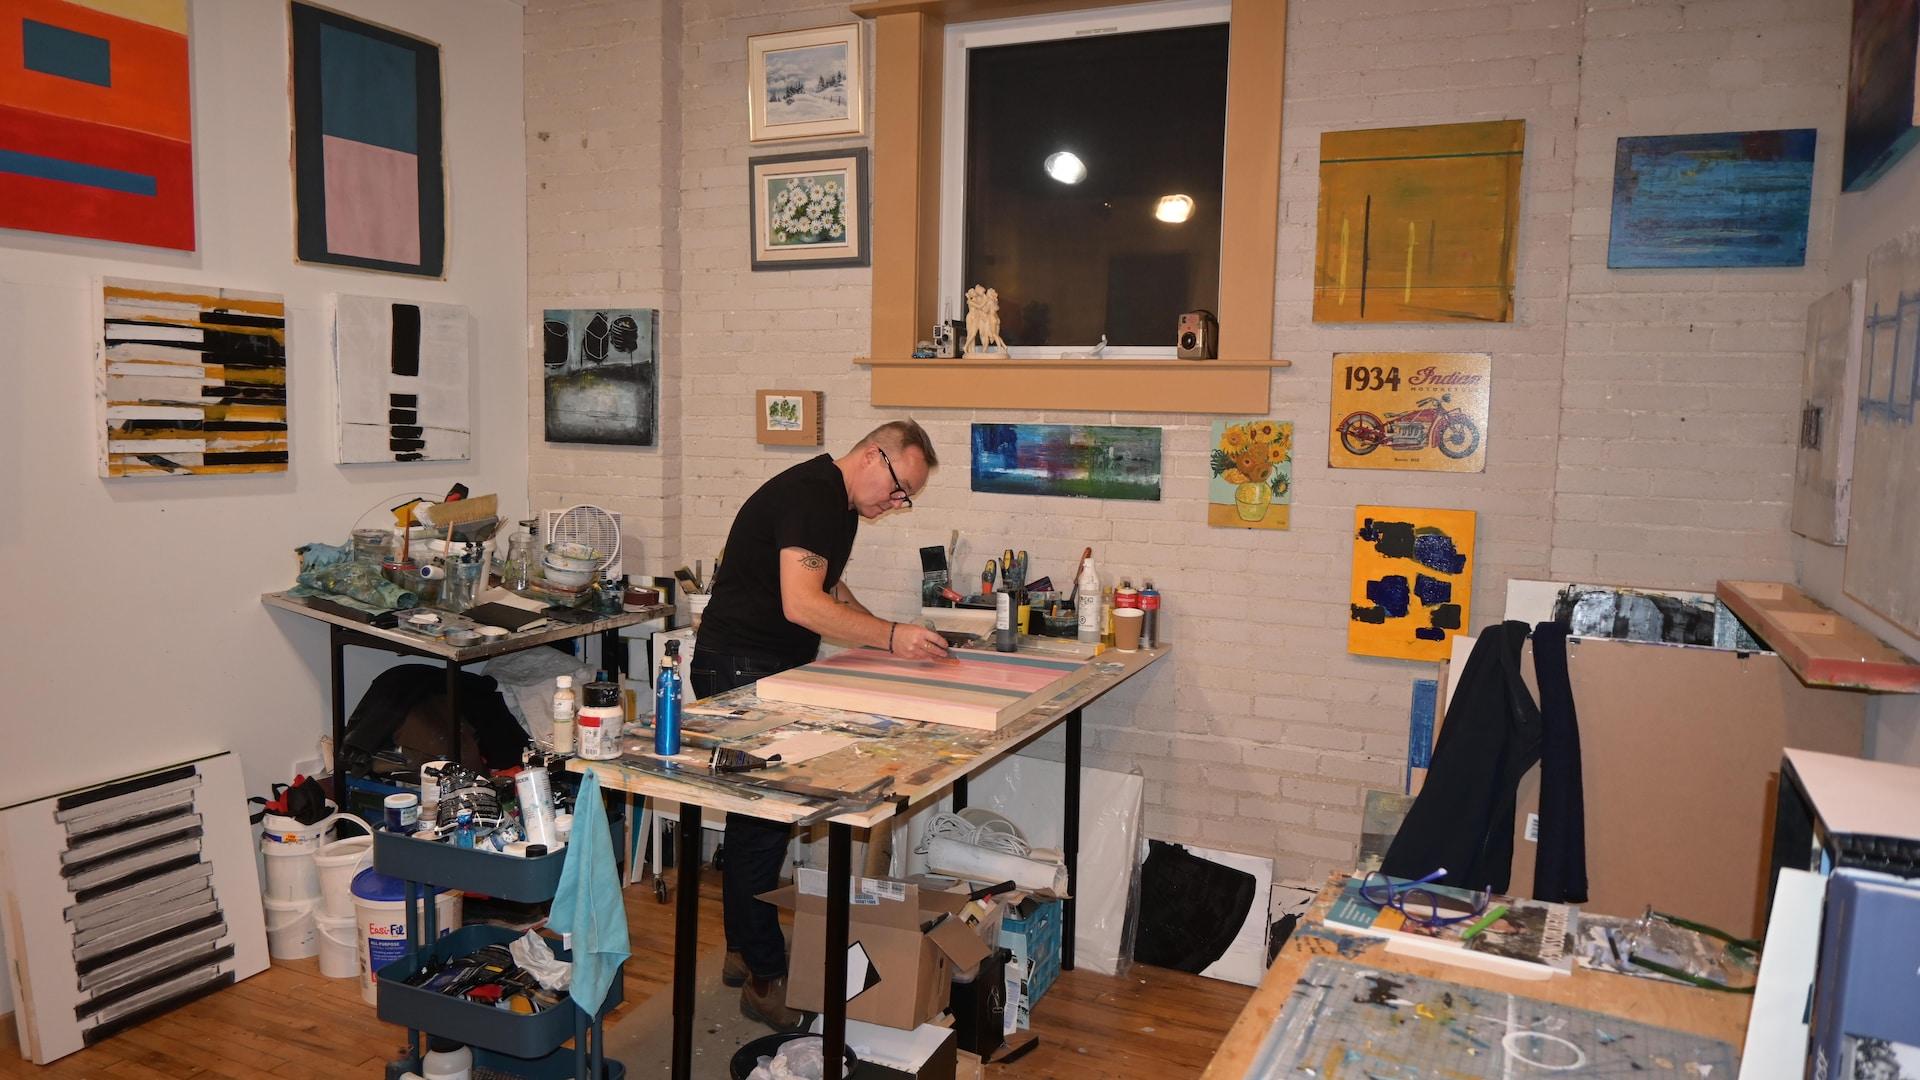 Jean-François Godbout au loin dans son studio, peint.